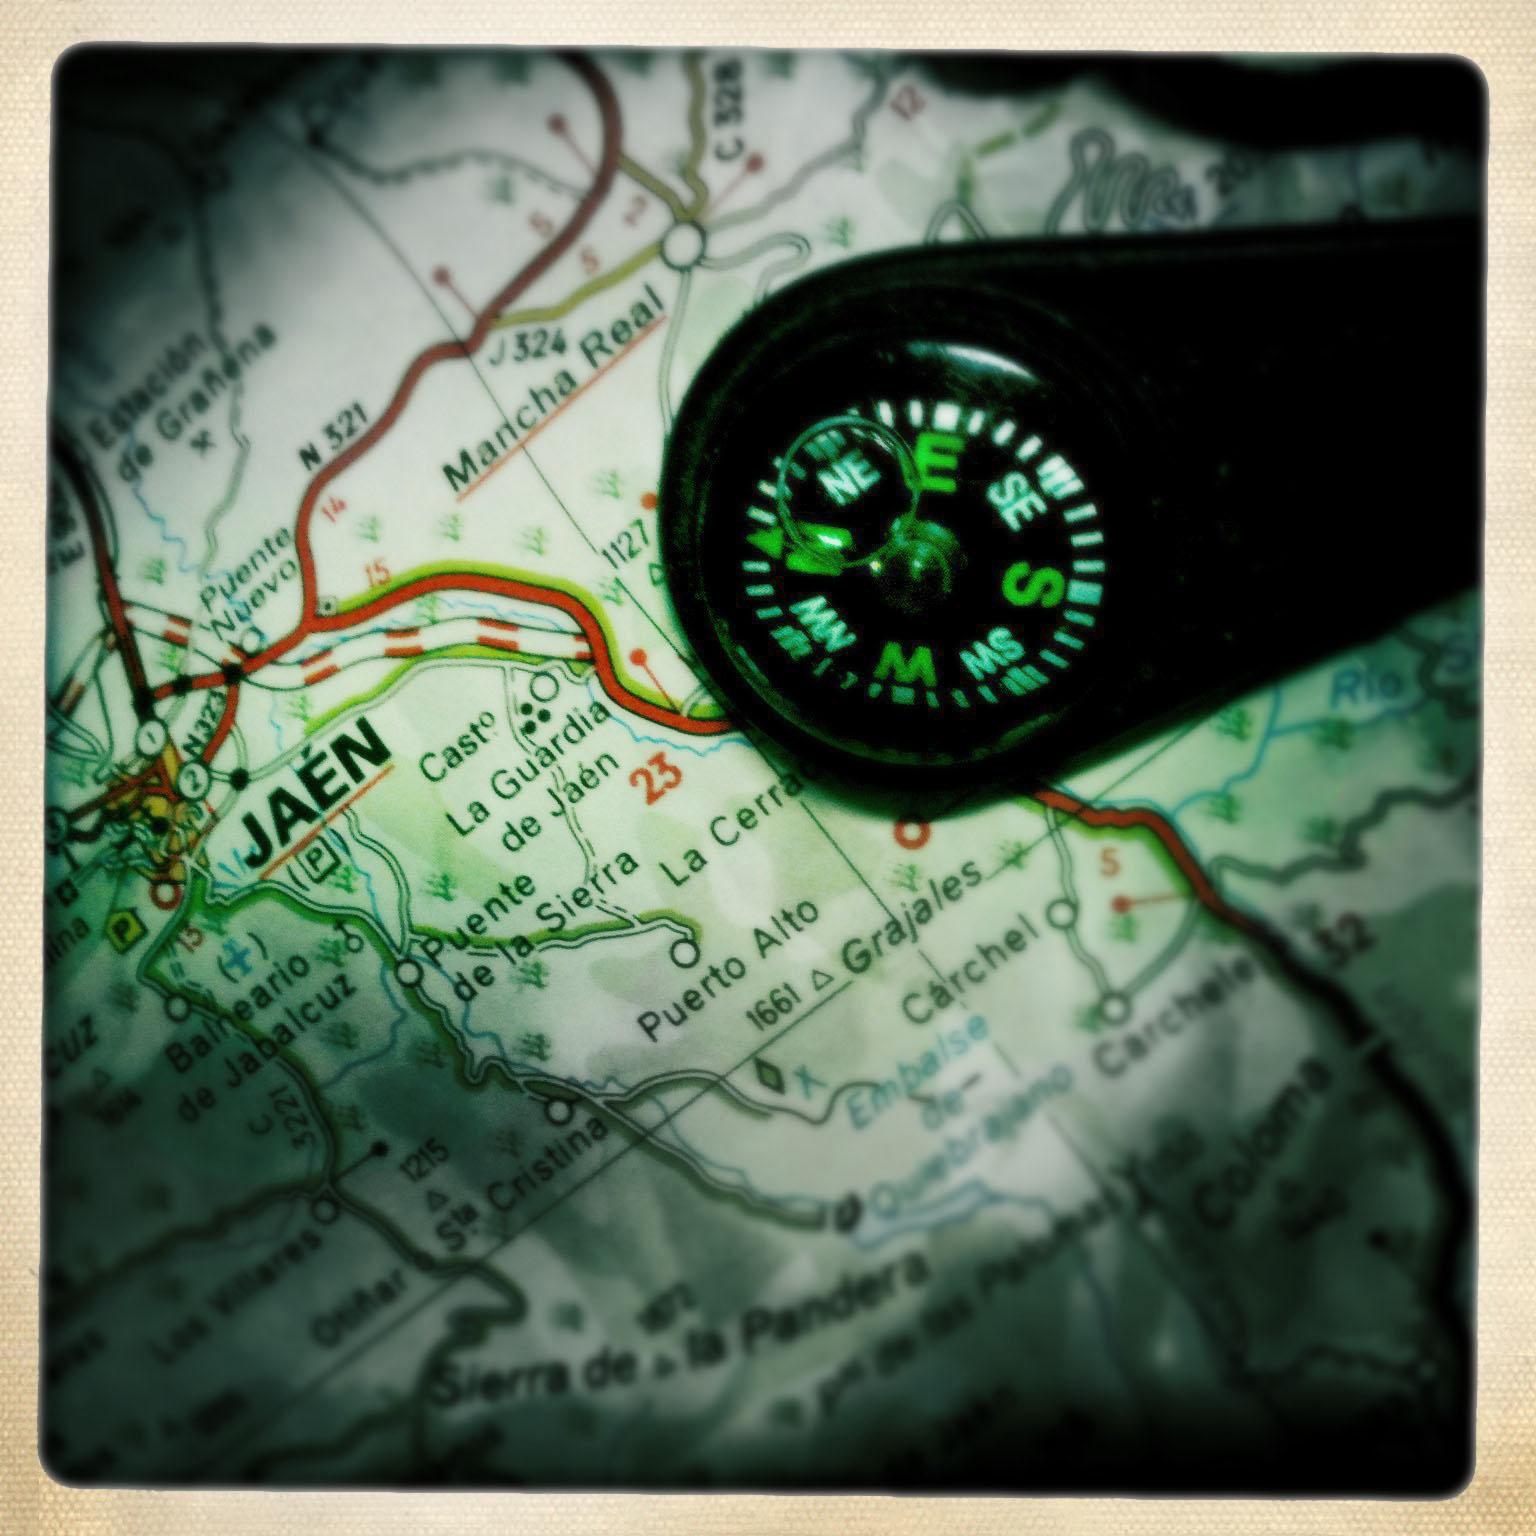 hipstamatic,tony,smith,snith,tonysmith,tonysmit,tonysmithhotpix,hotpix,story,tale,spain,espana,spanish,compass,map,jaen,toen,pueblo,Lost,navigate